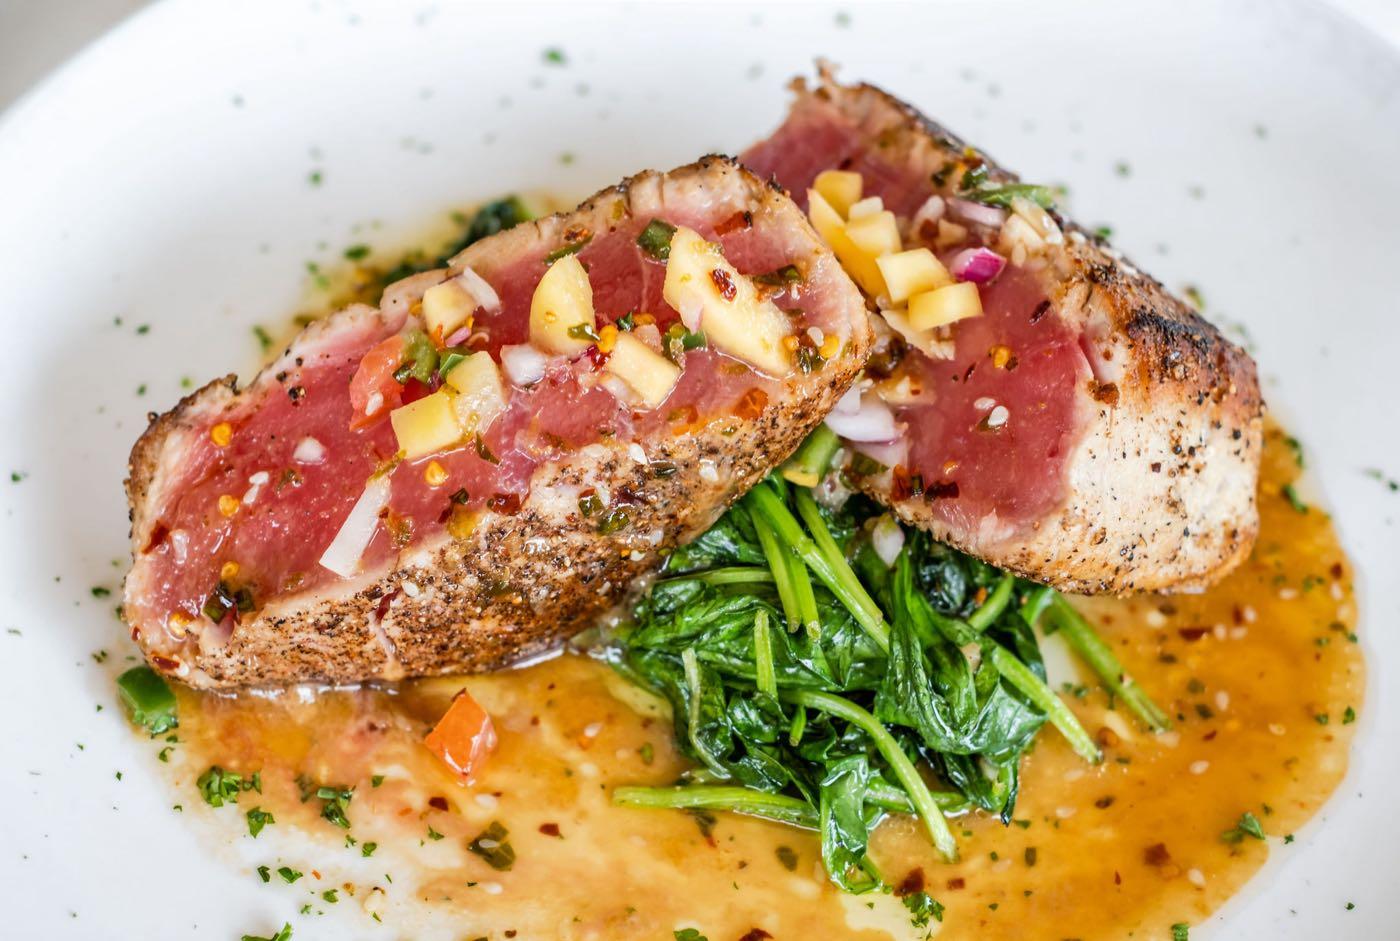 Darios-Tuna-Steak-7 – 1400w